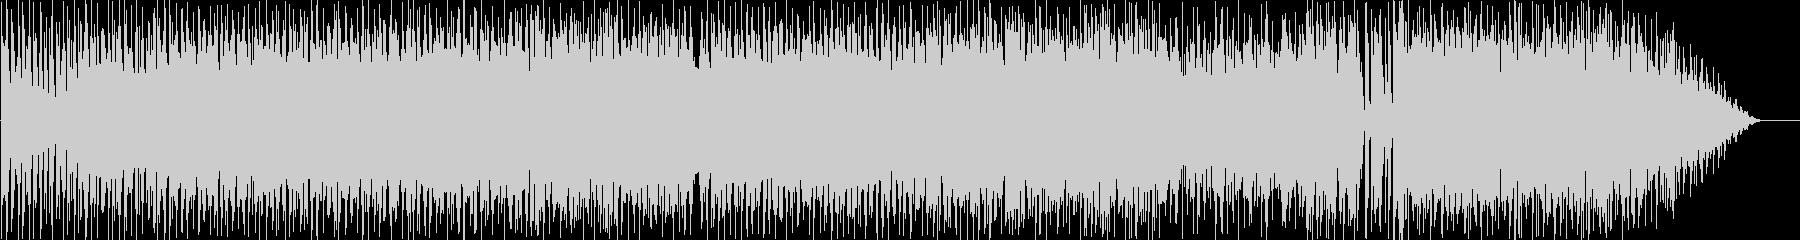 タム回しが印象的なポップロックの未再生の波形